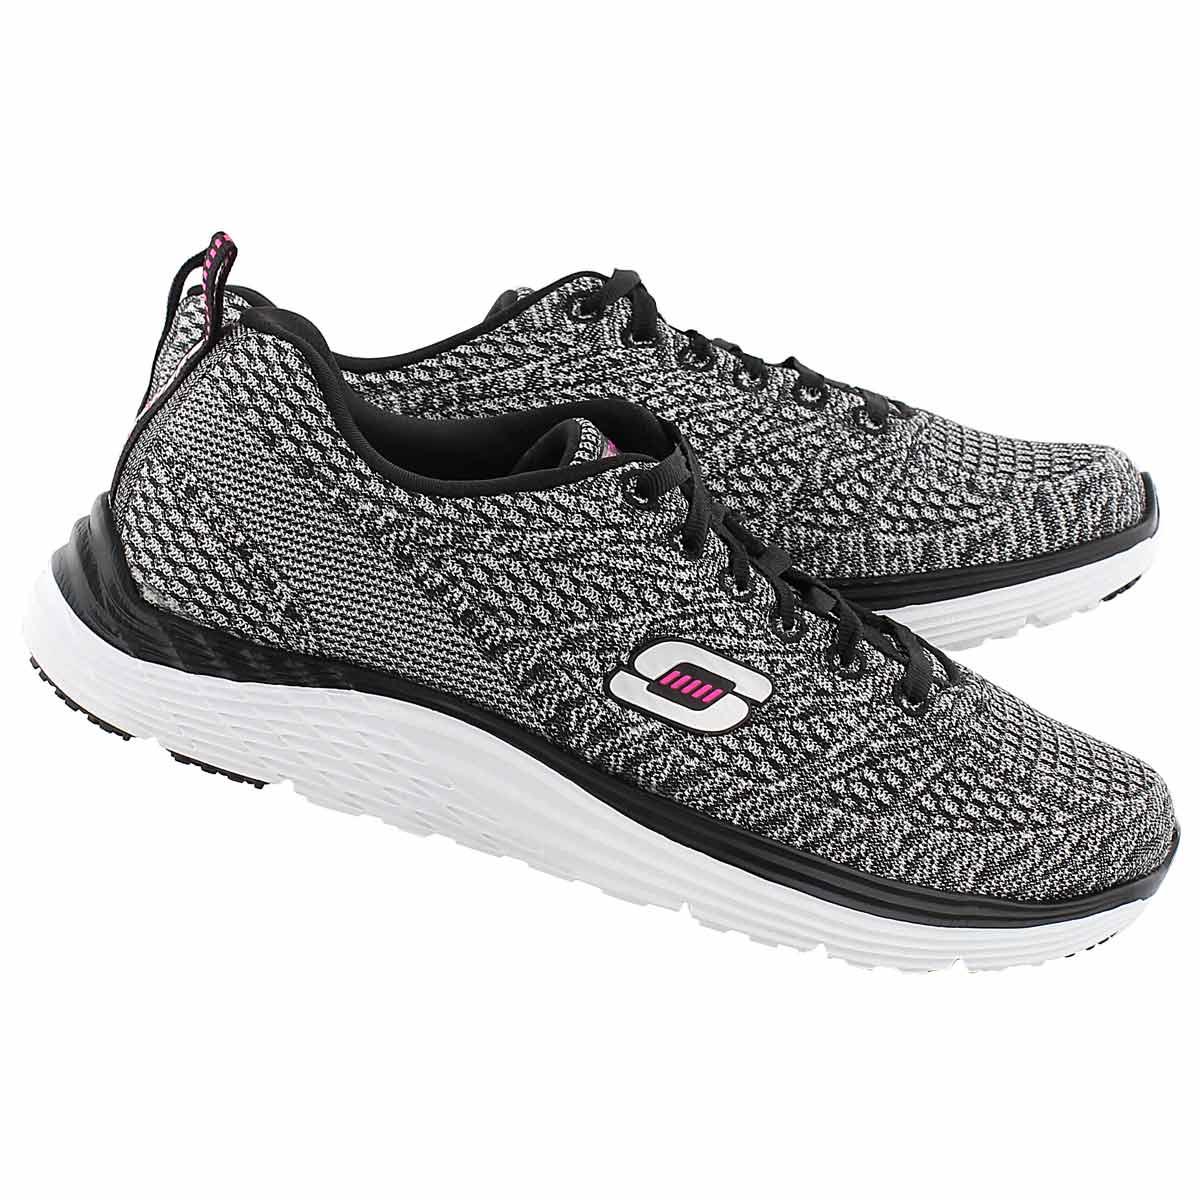 Lds Valeris lt silvr/blk lace up sneaker